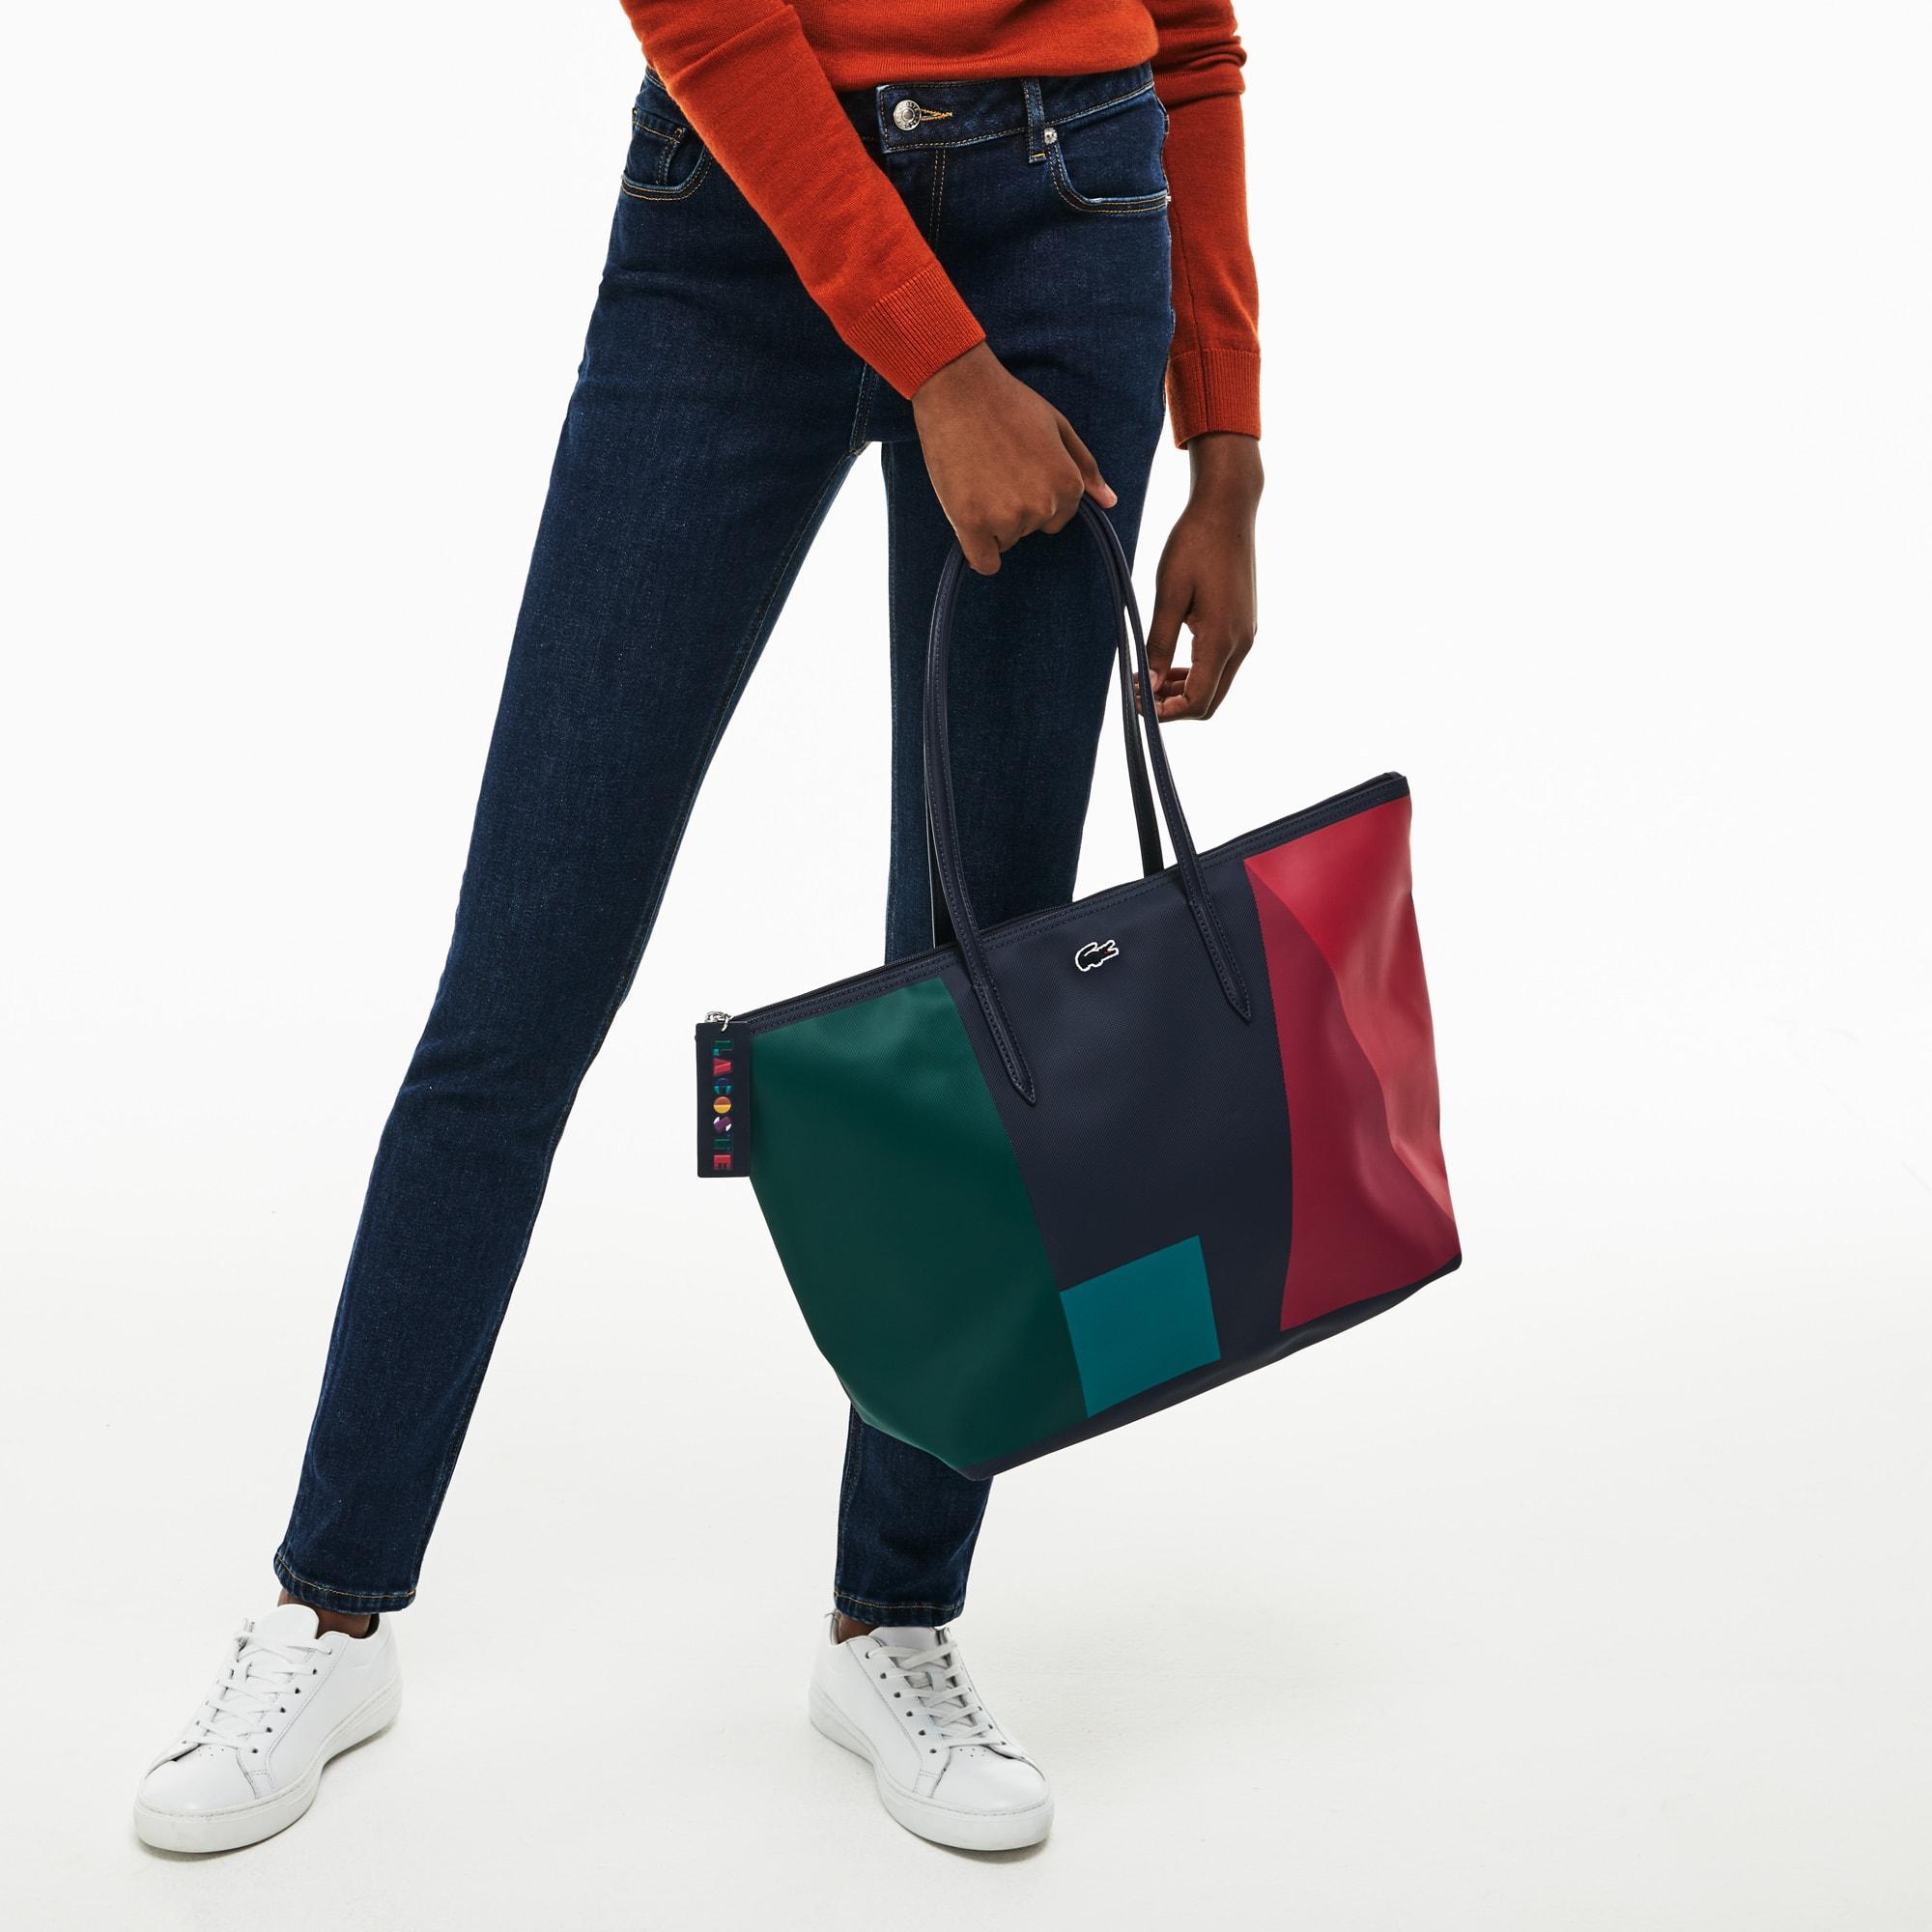 L.12.12 Concept-shopper dames groot petit piqué met rits en colorblock